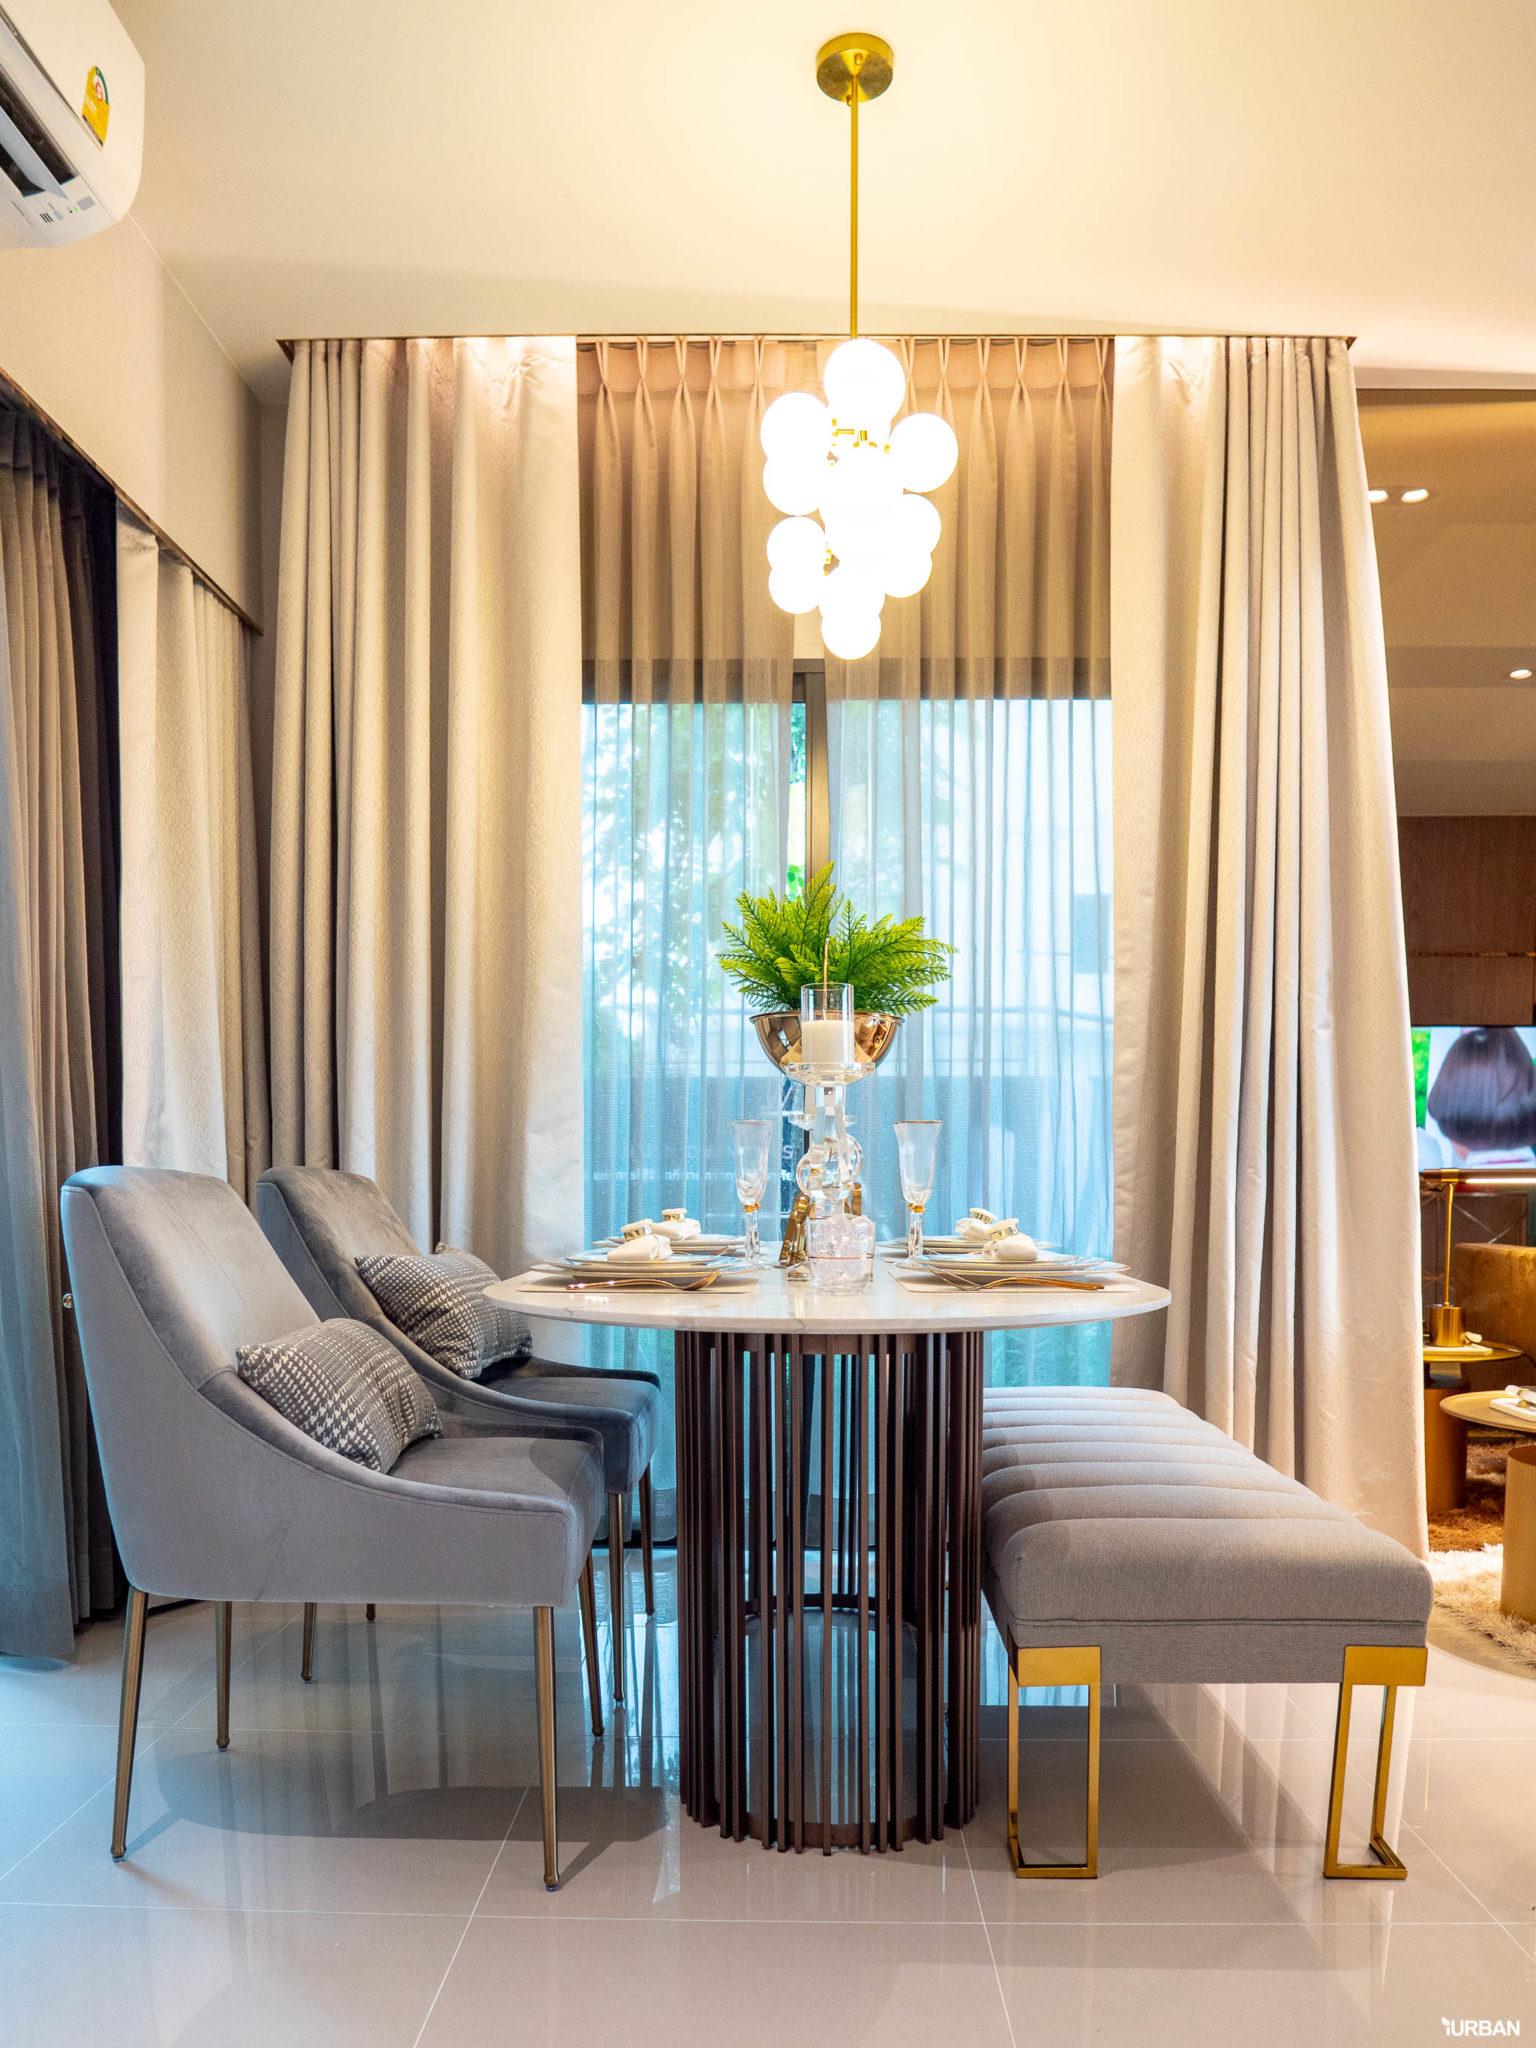 รีวิว URBANIO วิภาวดี-แจ้งวัฒนะ พรีเมียมทาวน์โฮม 3 ชั้นสุดสวย ใกล้สถานี Interchange เริ่ม 5.59 ล้าน จาก Ananda 39 - Premium